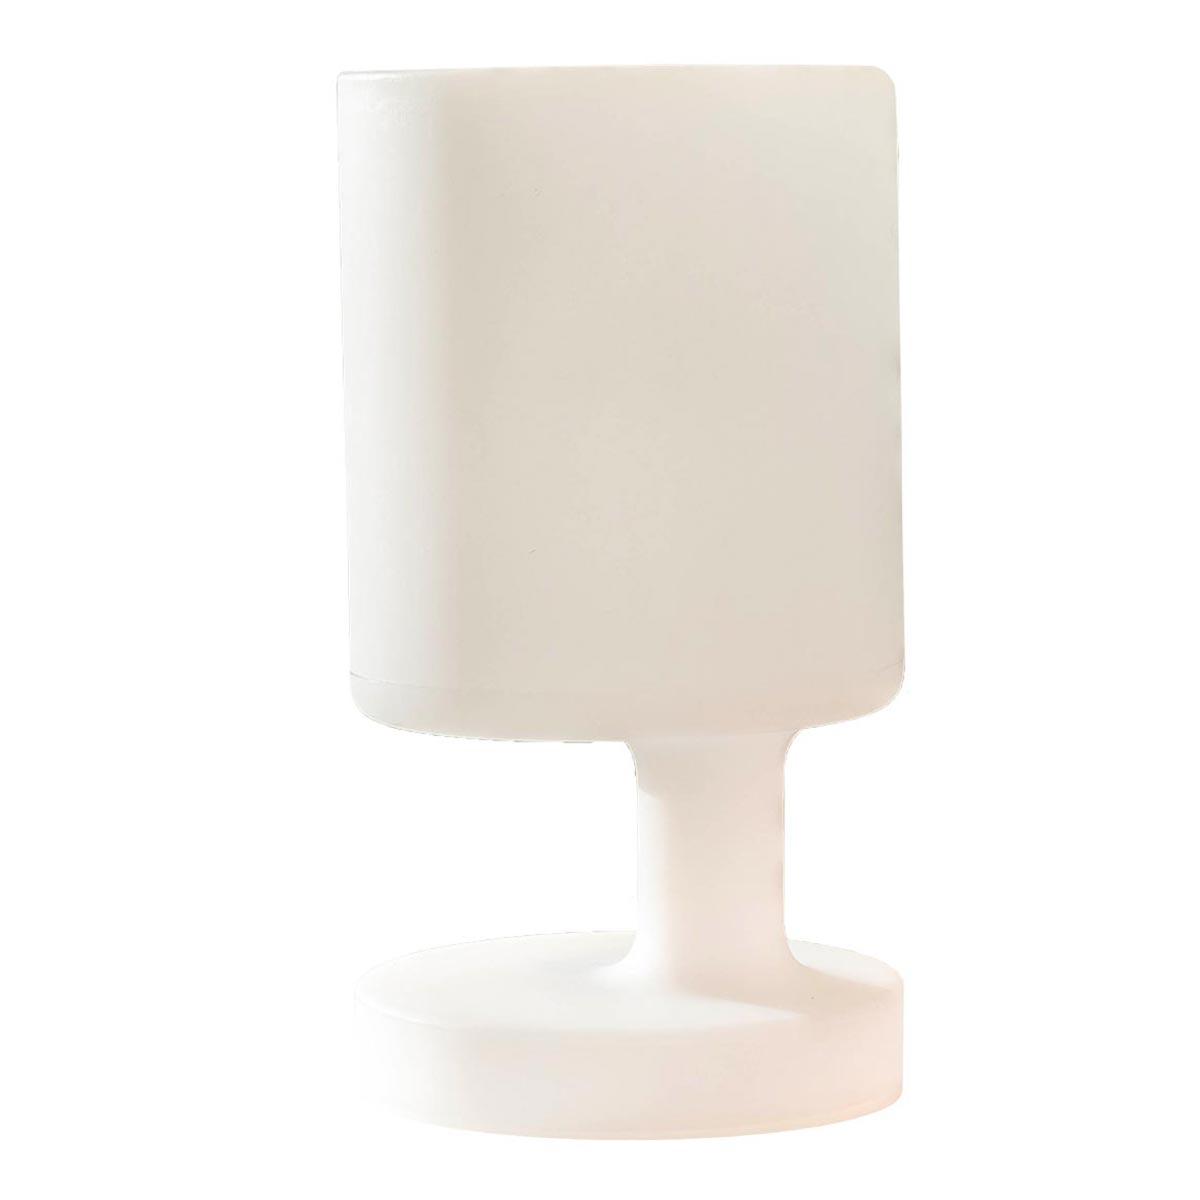 BABY-Lampe de table sans fil plastique blanc H28cm